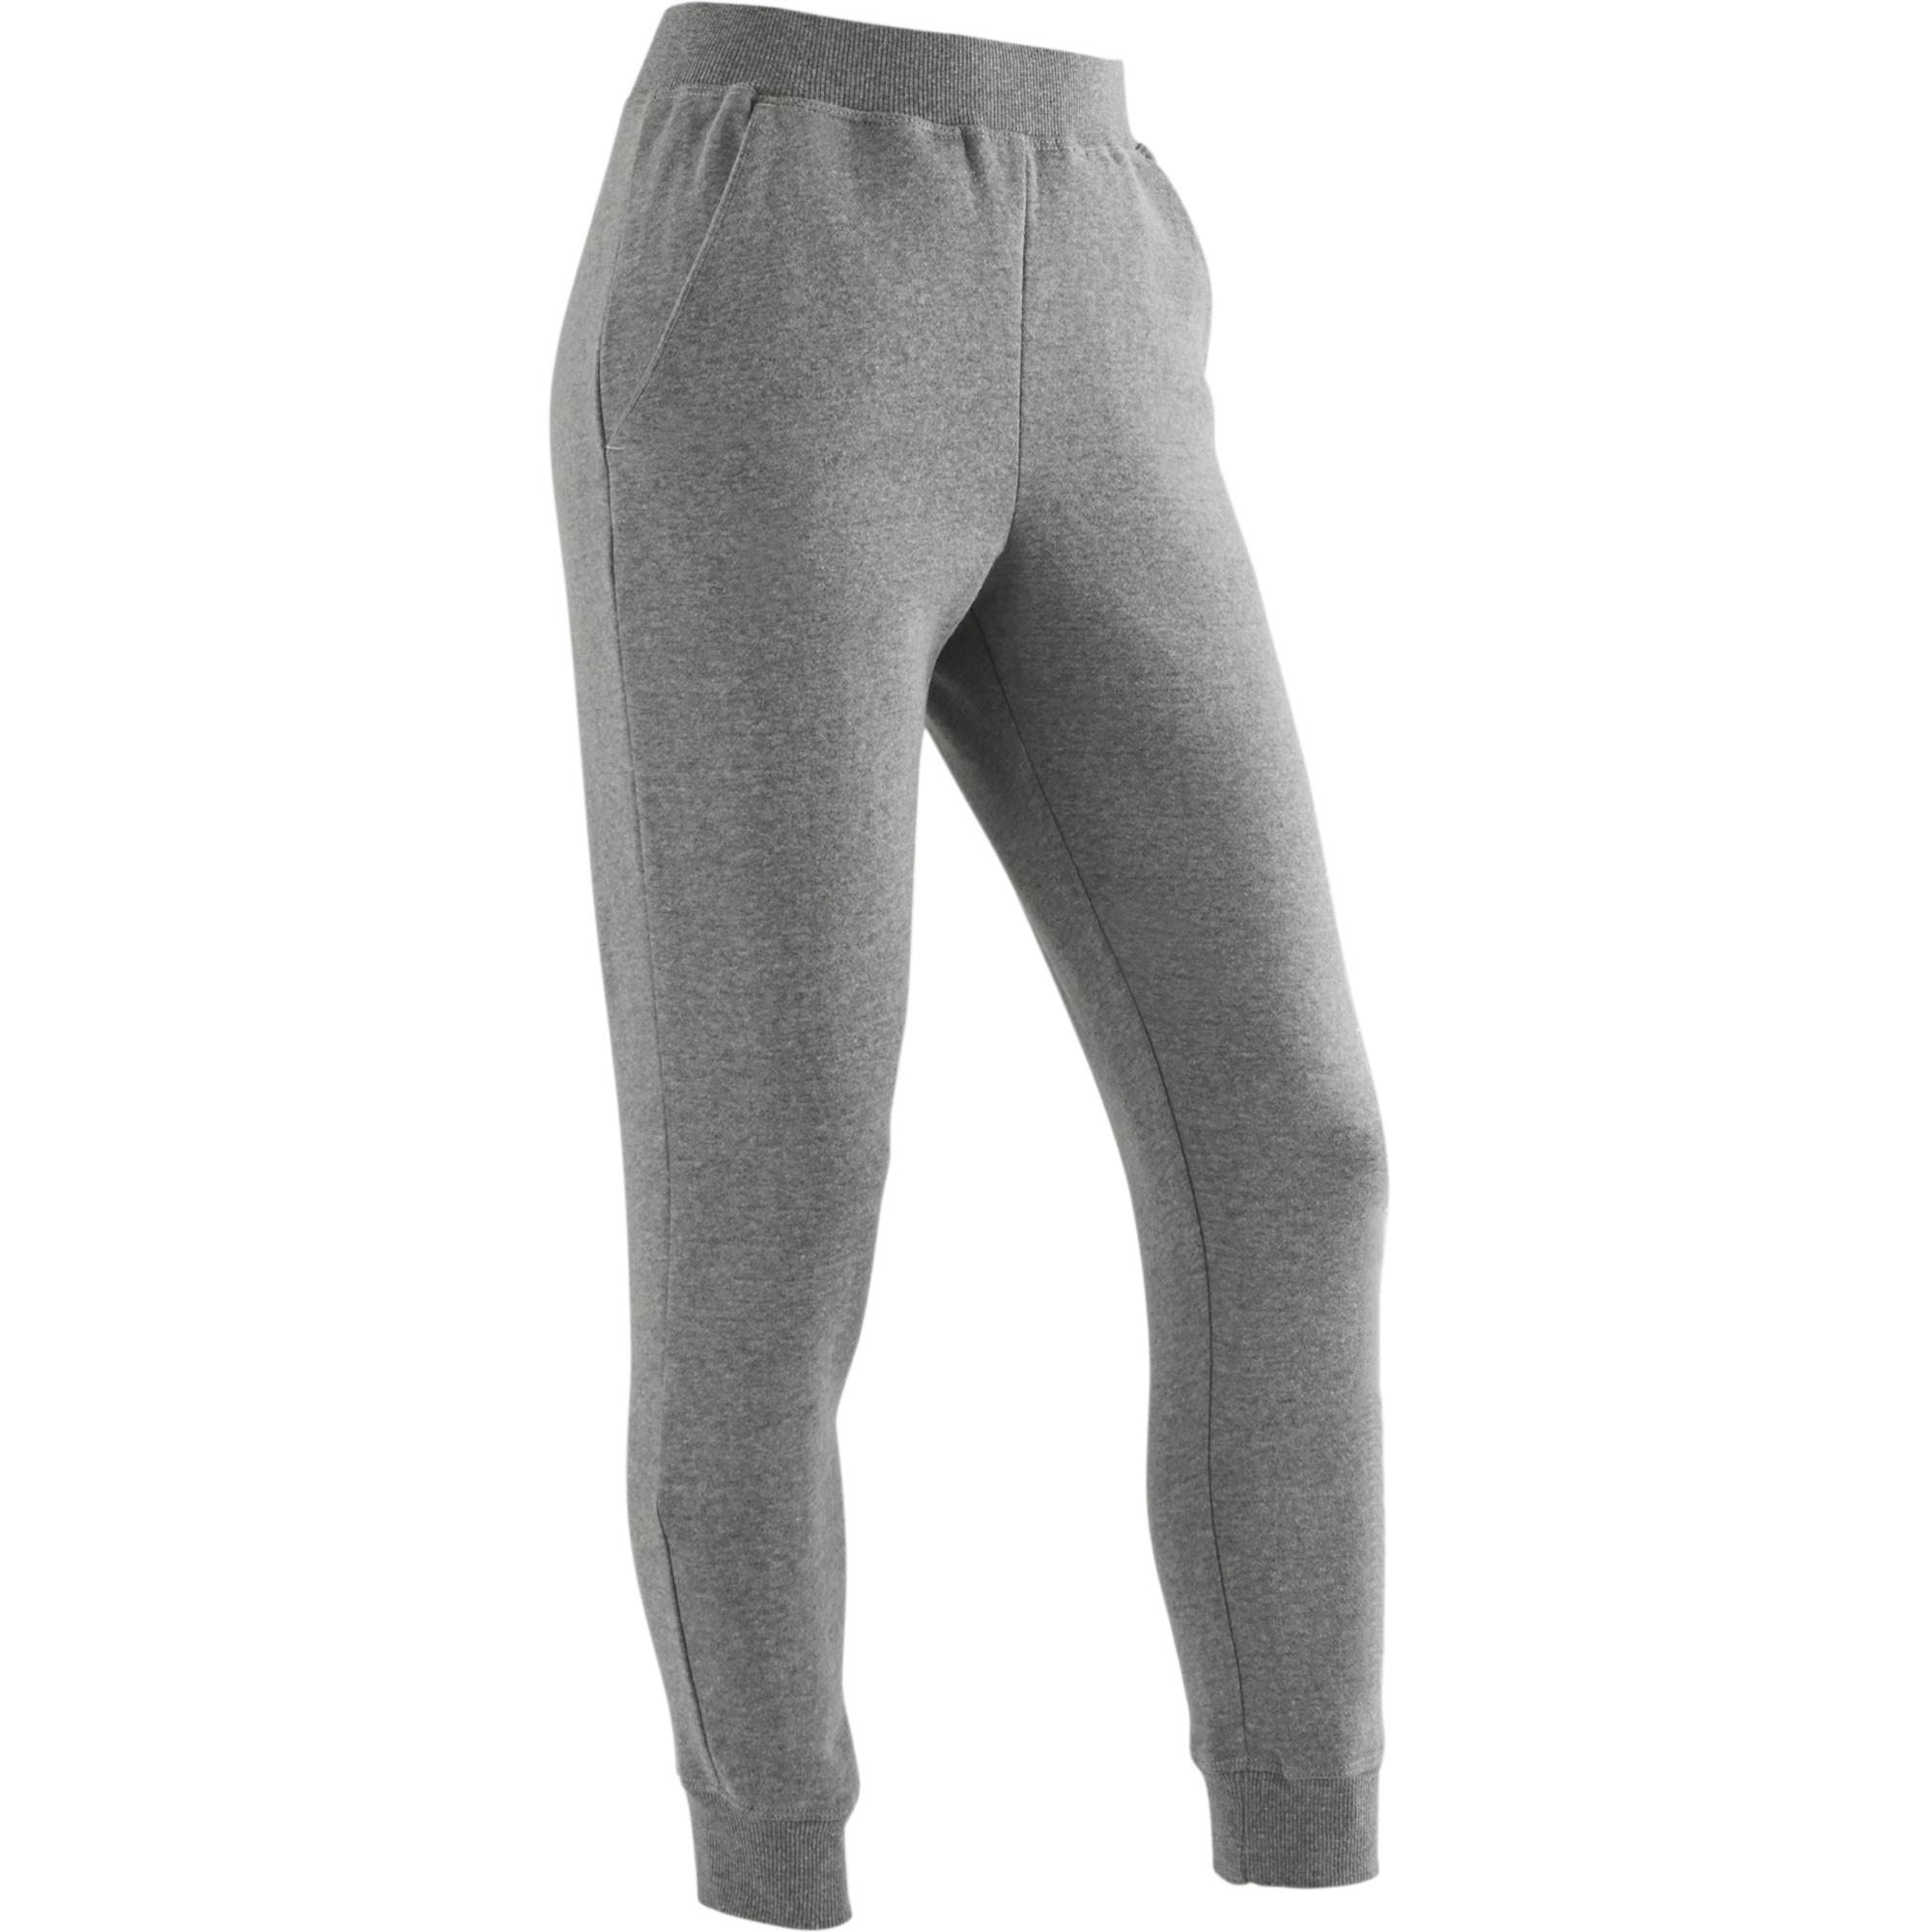 Pantalon 100 negru fete